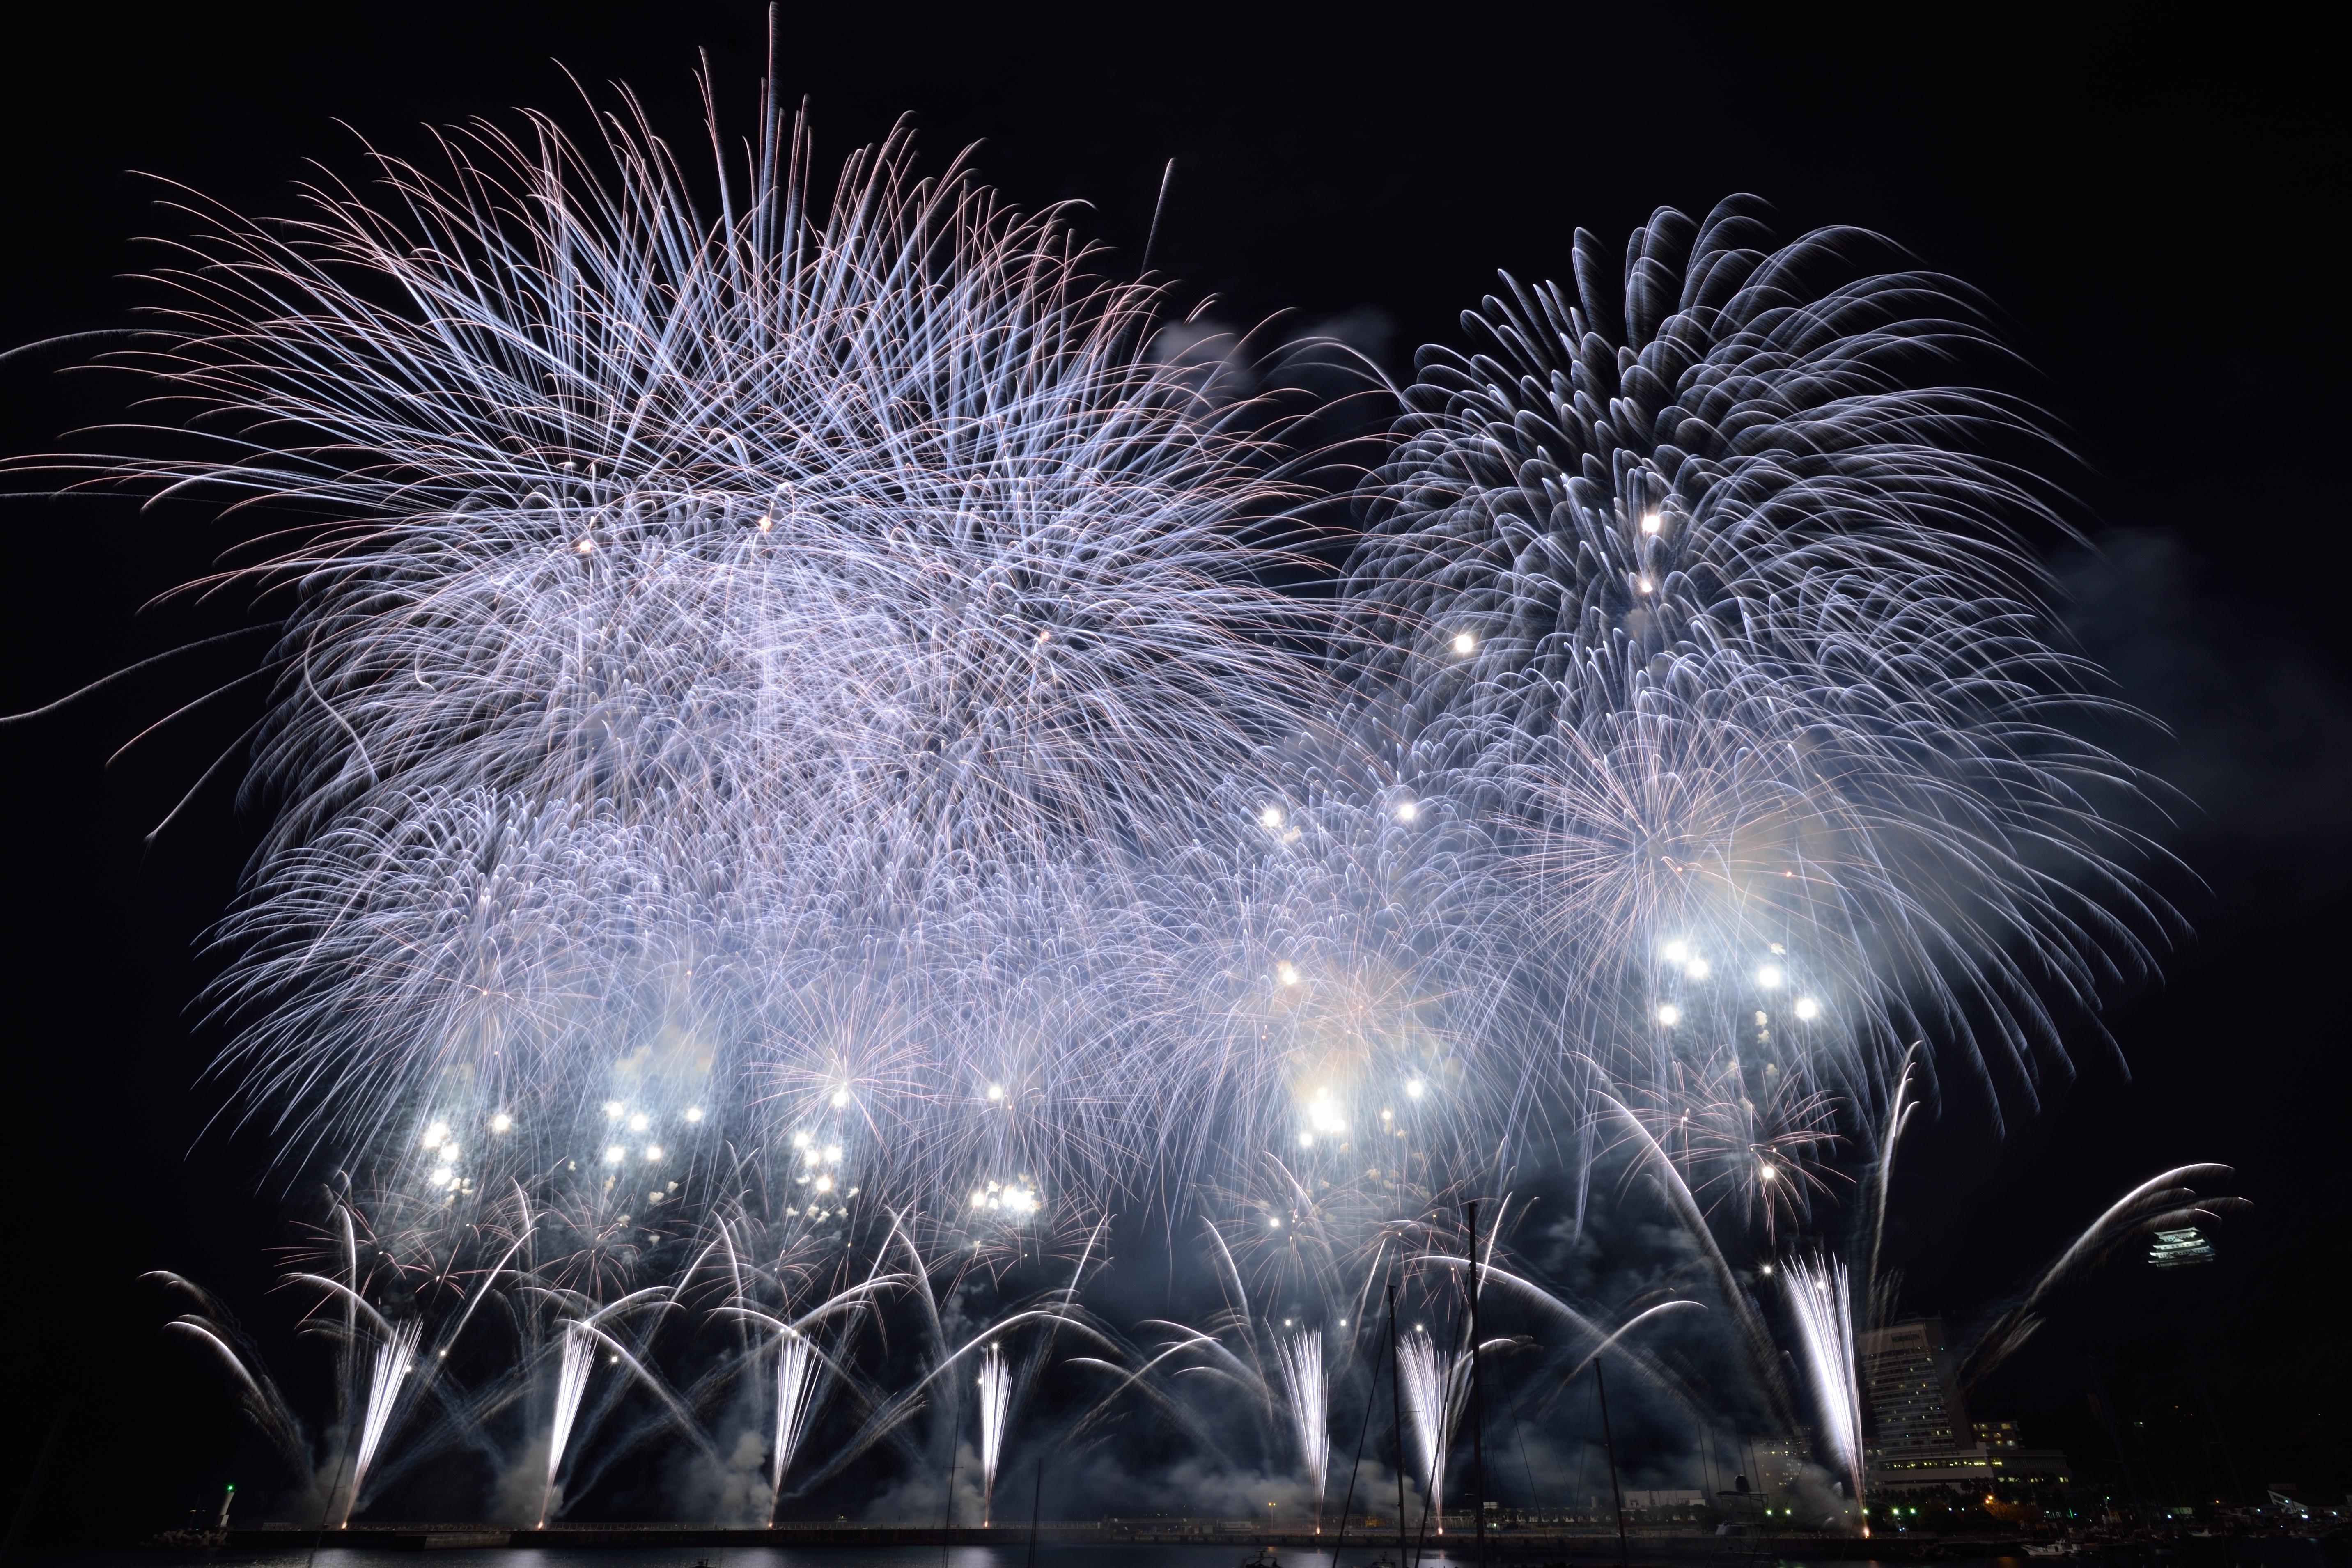 """銀冠菊花火と花雷。どちらも明るい花火だ。特に花雷は明るすぎて露出オーバーになり白い点々になってしまう。熱海ではエンディングでこの組み合わせで打ち上がる。(2015年12月6日:静岡県熱海海上花火大会)<br><span class=""""fnt-85"""">D600・AF-S NIKKOR 18-35mm F3.5-4.5G ED・マニュアル露出・ISO100・F19・35.5秒・3,030K・ND4フィルター</span>"""